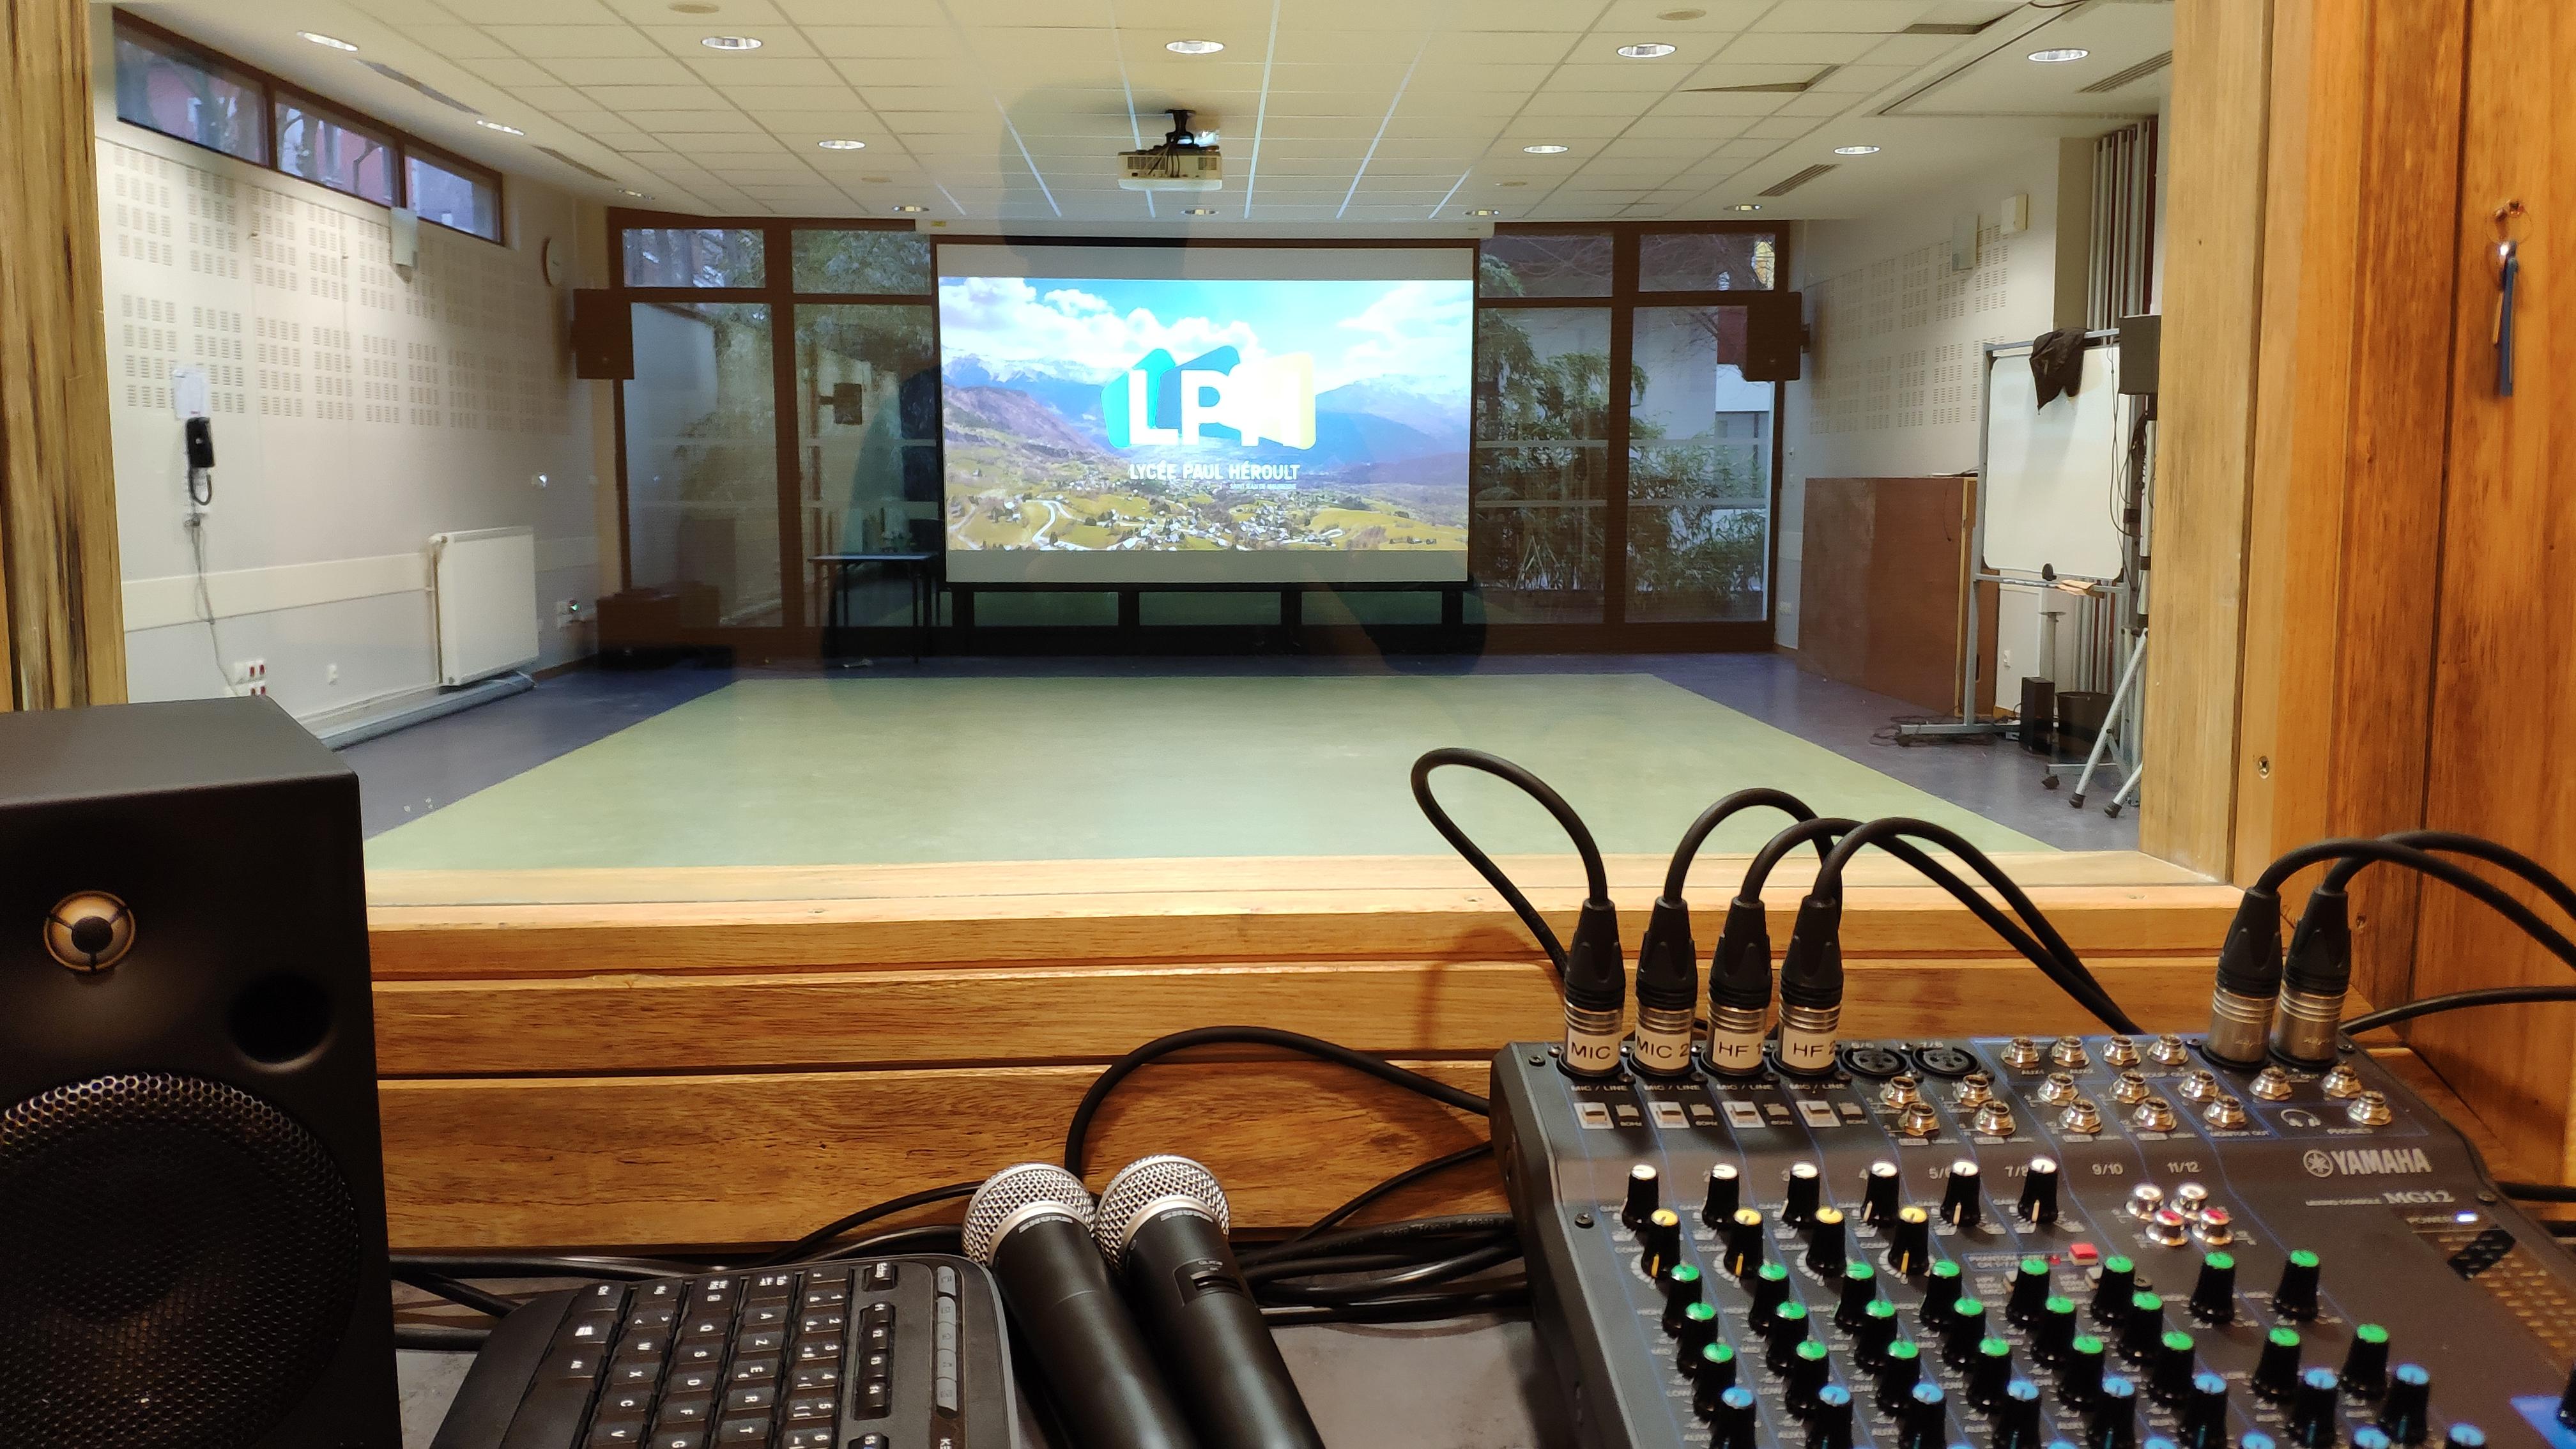 Equipement audiovisuel professionnel salle de conférence - réunion - Bochet